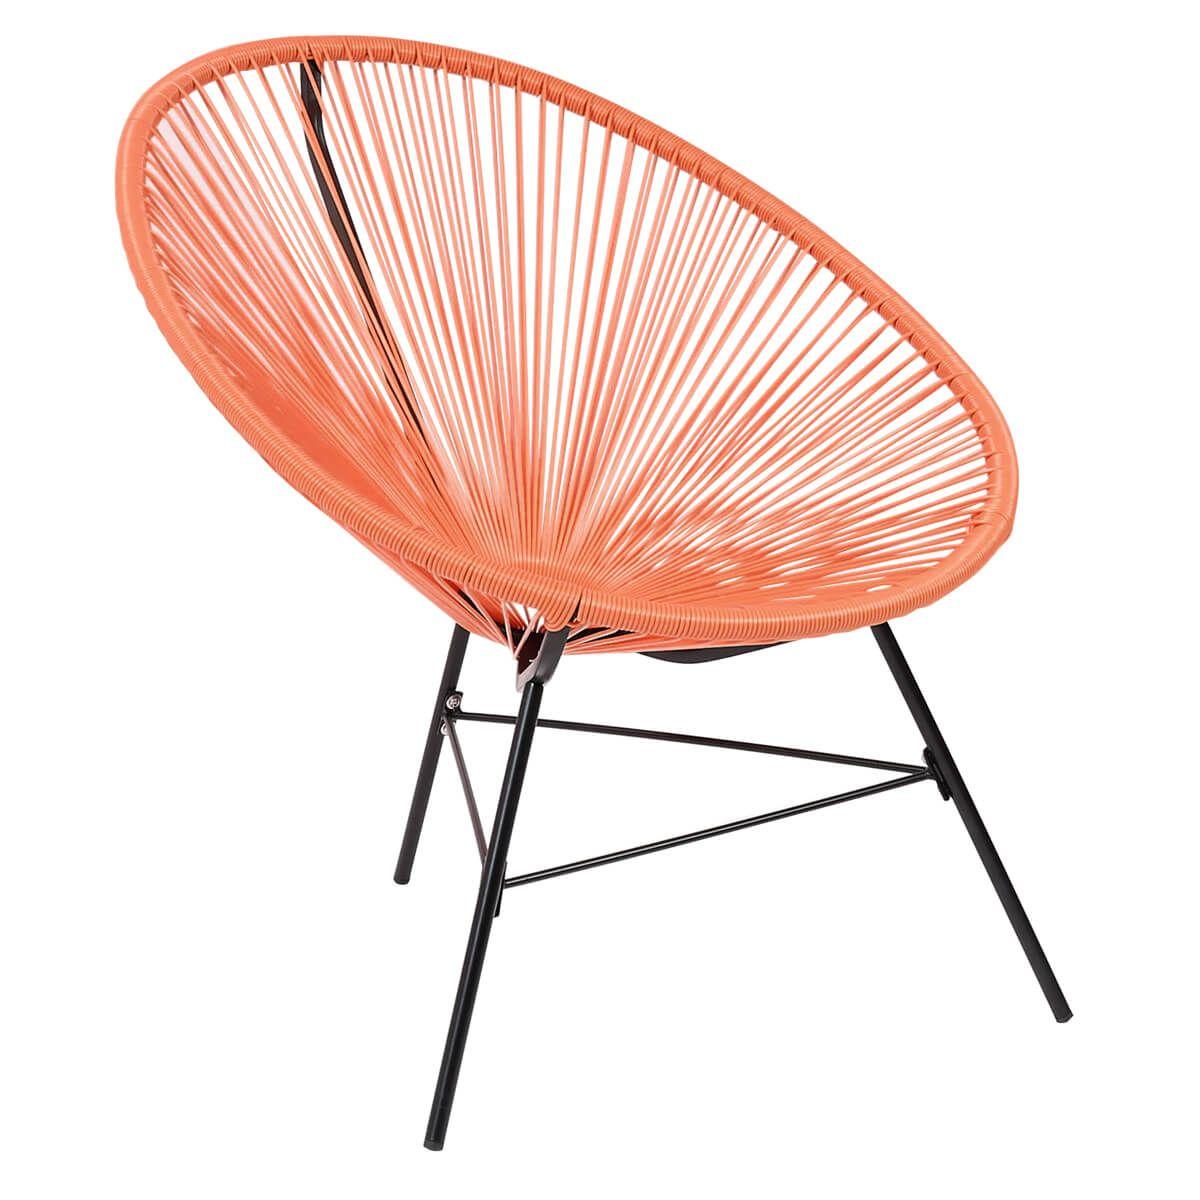 Garten Lounge Sessel | Stühle | Pinterest